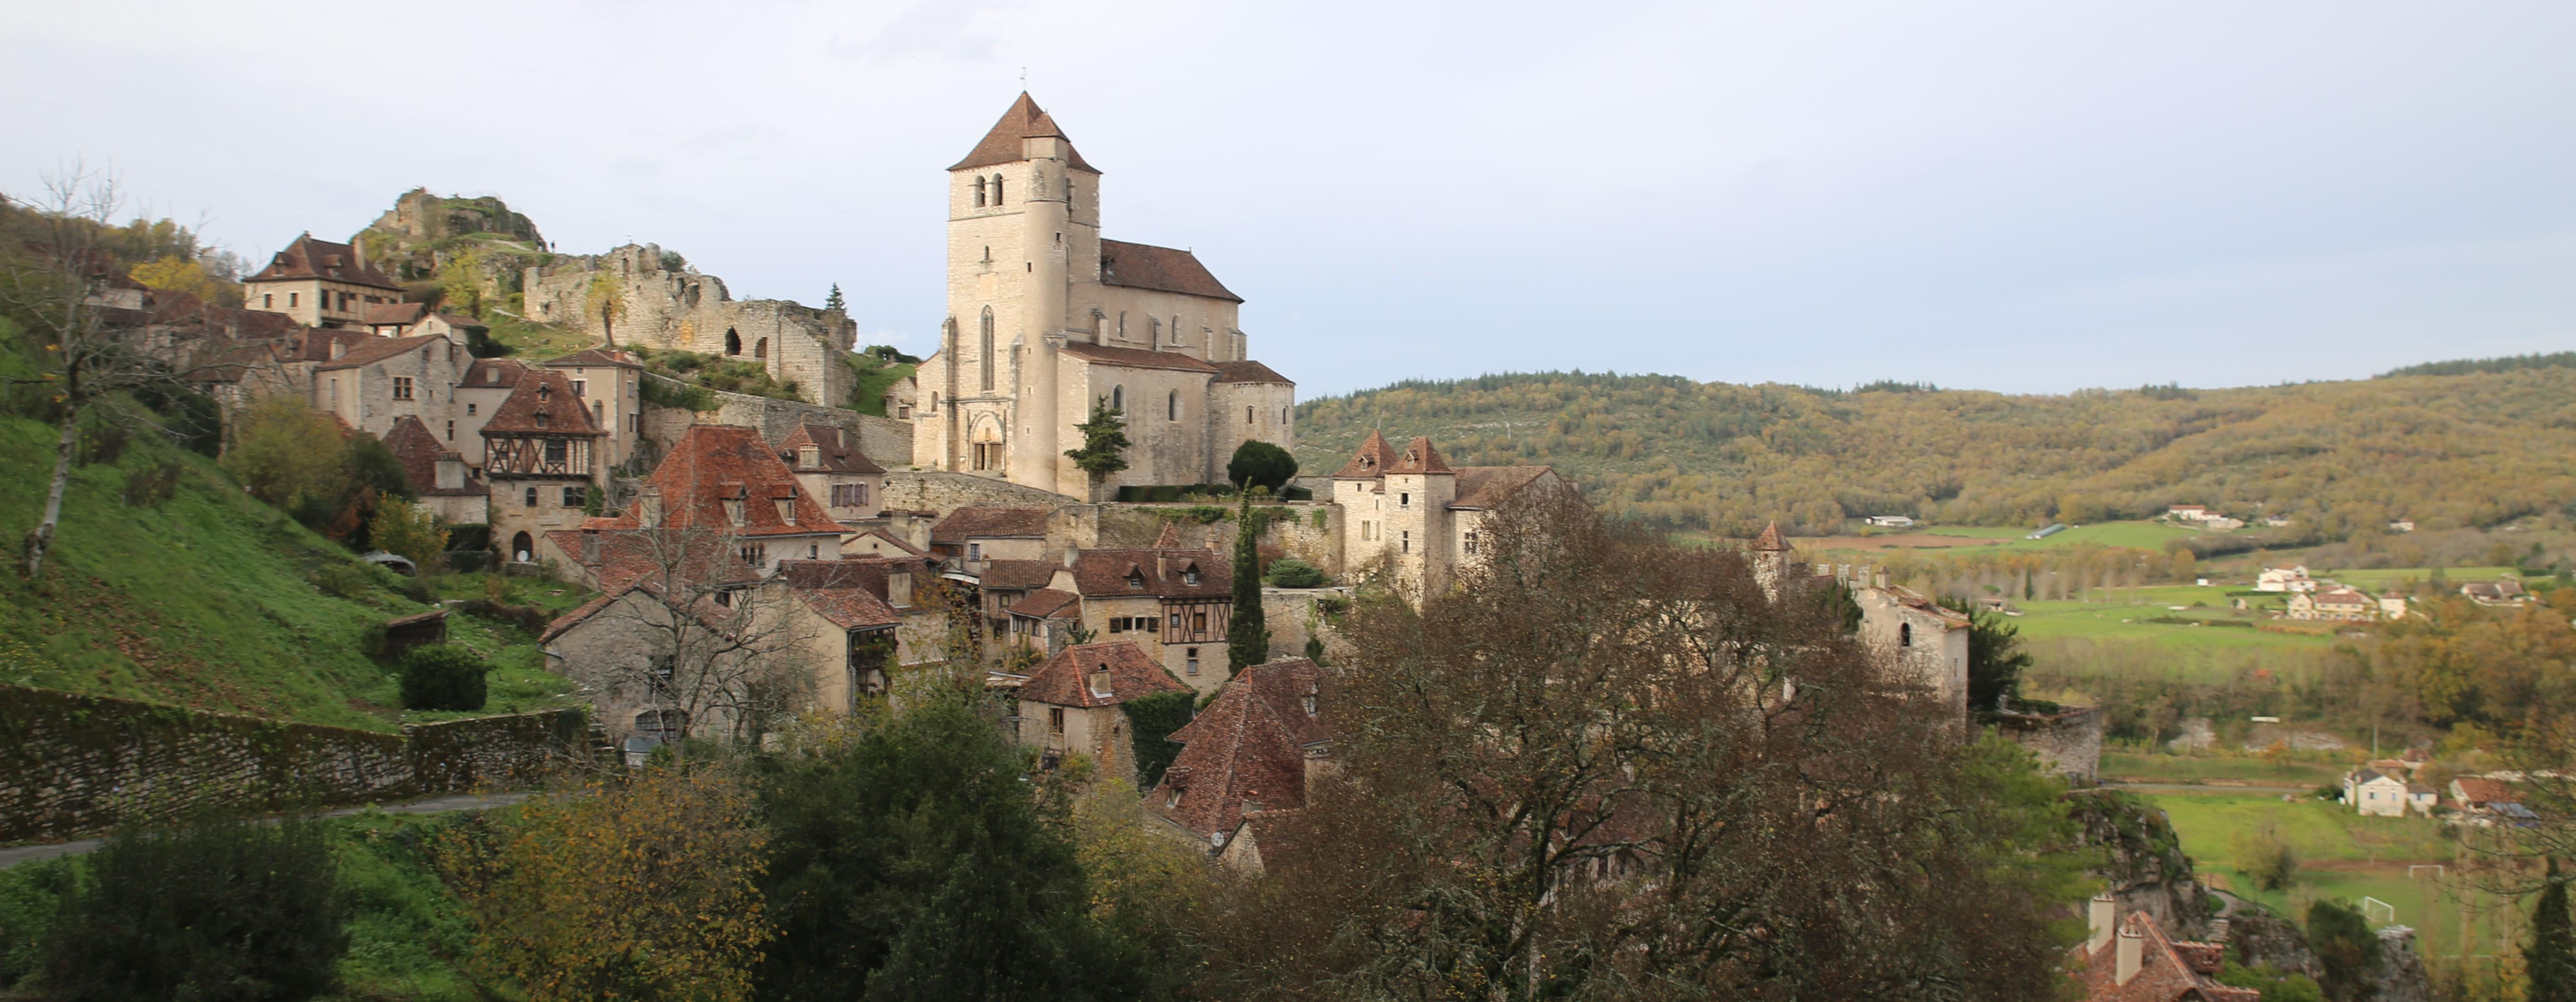 טיול לצרפת